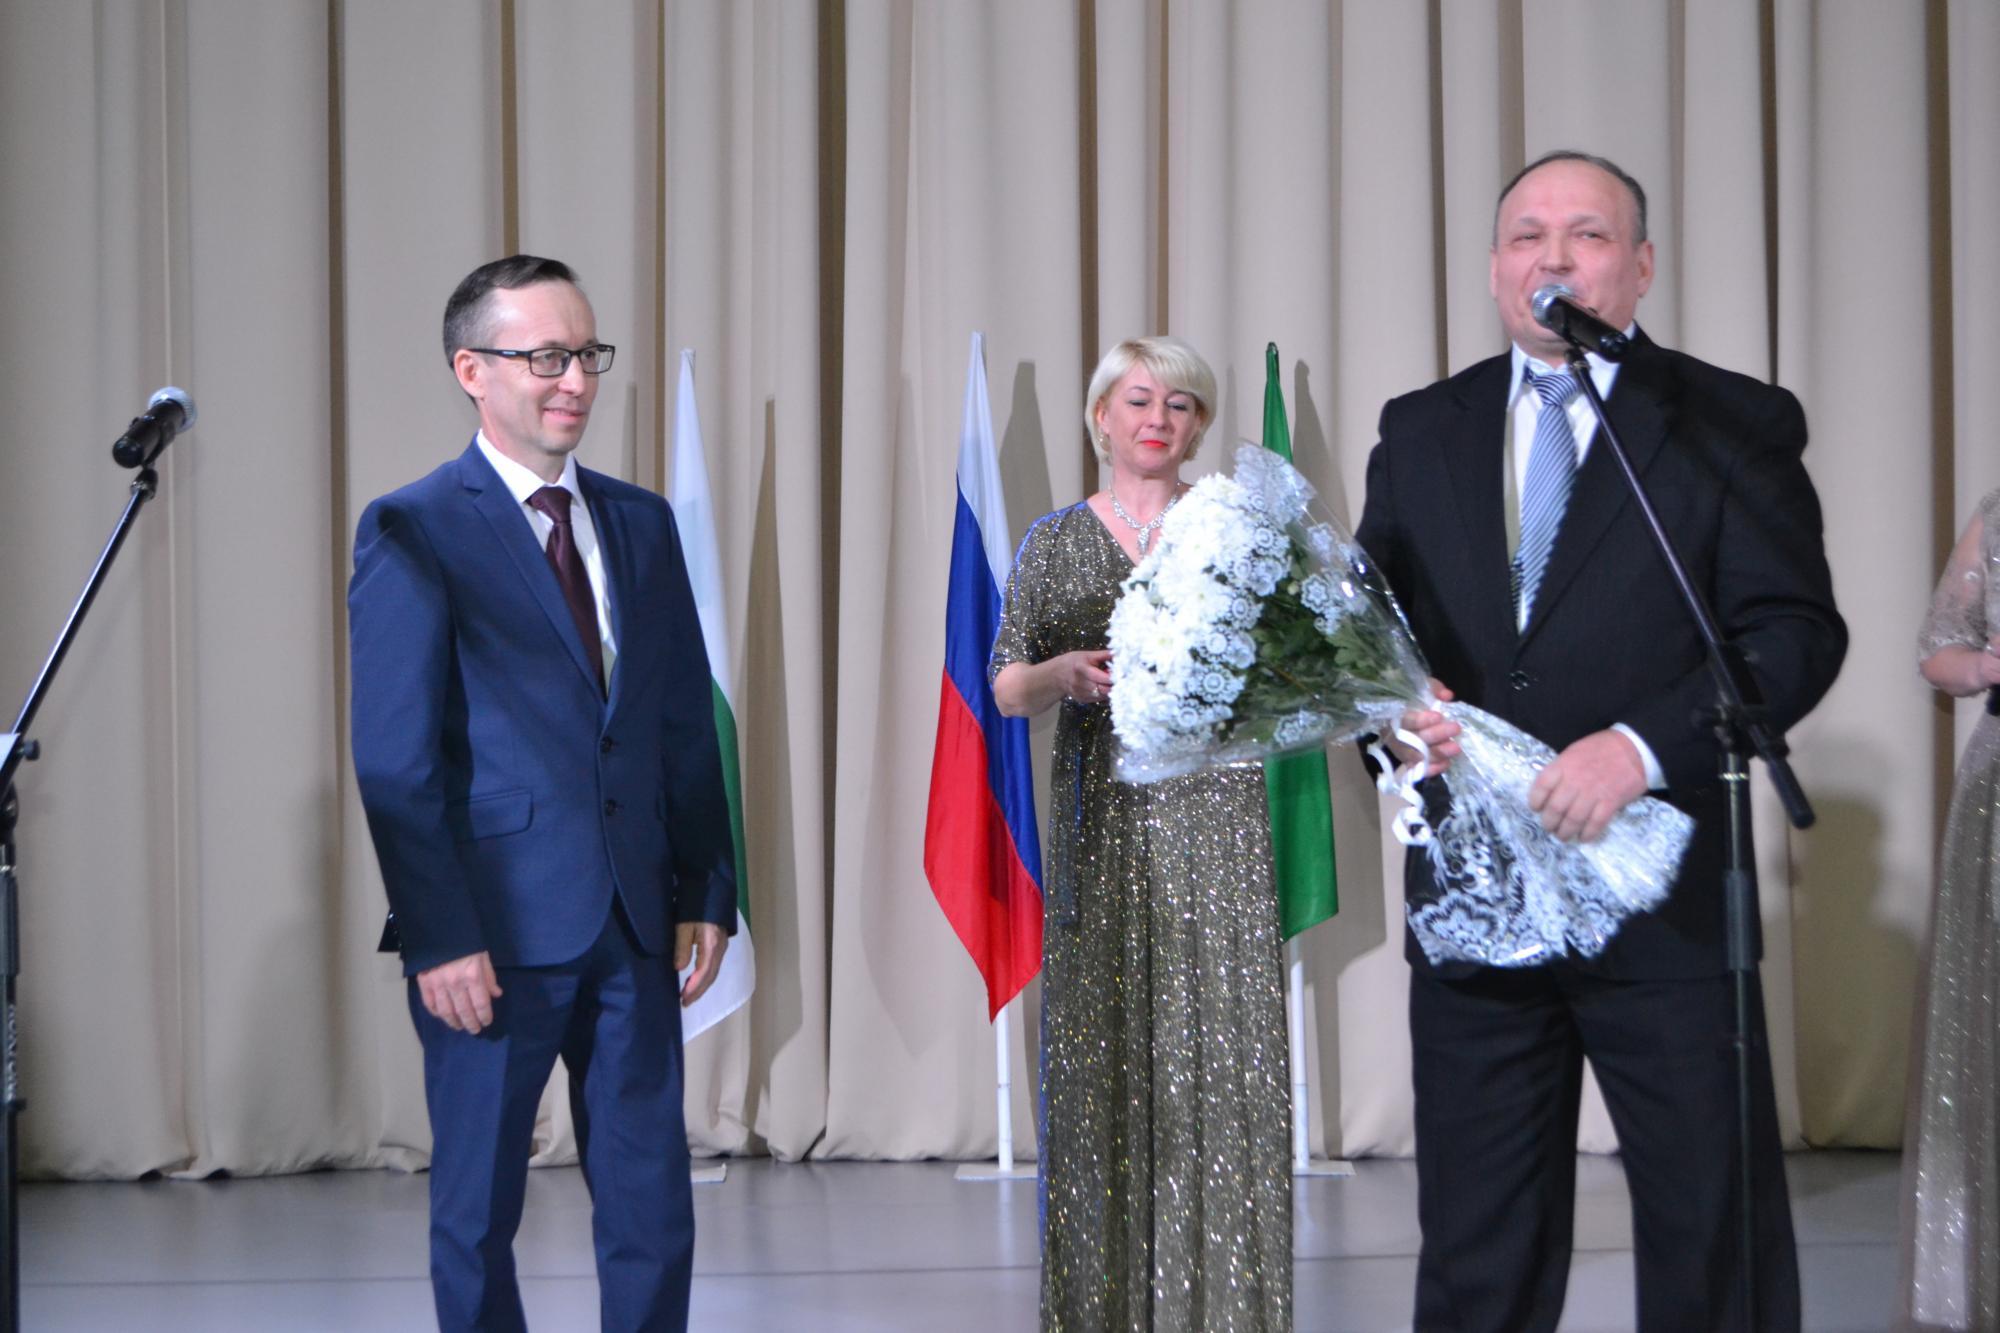 Поздравление главе района с инаугурацией главы